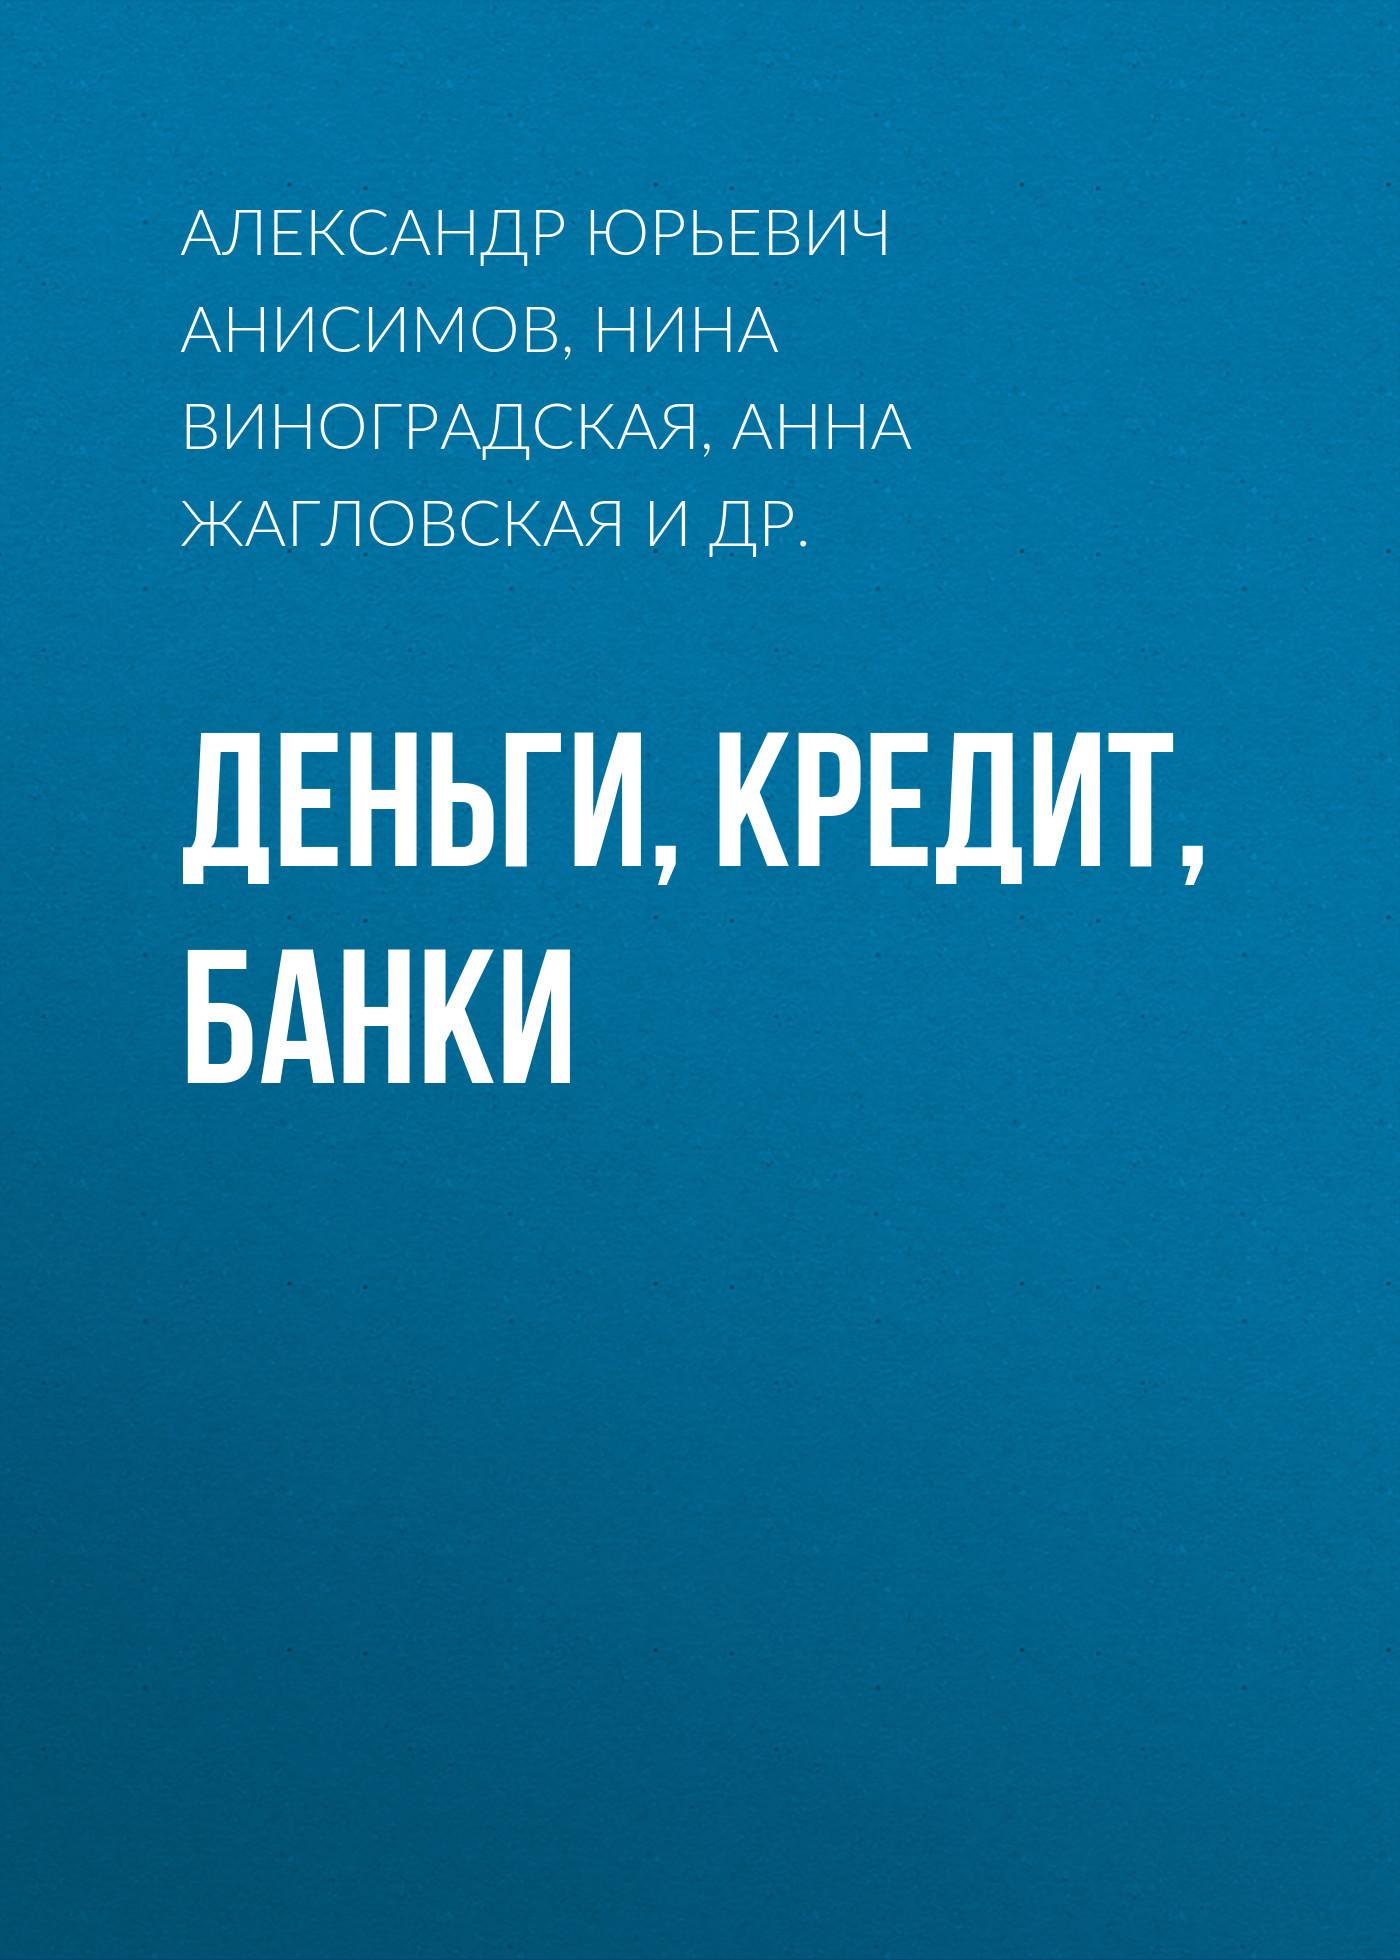 Александр Юрьевич Анисимов Деньги, кредит, банки как в кредит ладу калину хэтчбек челябинск